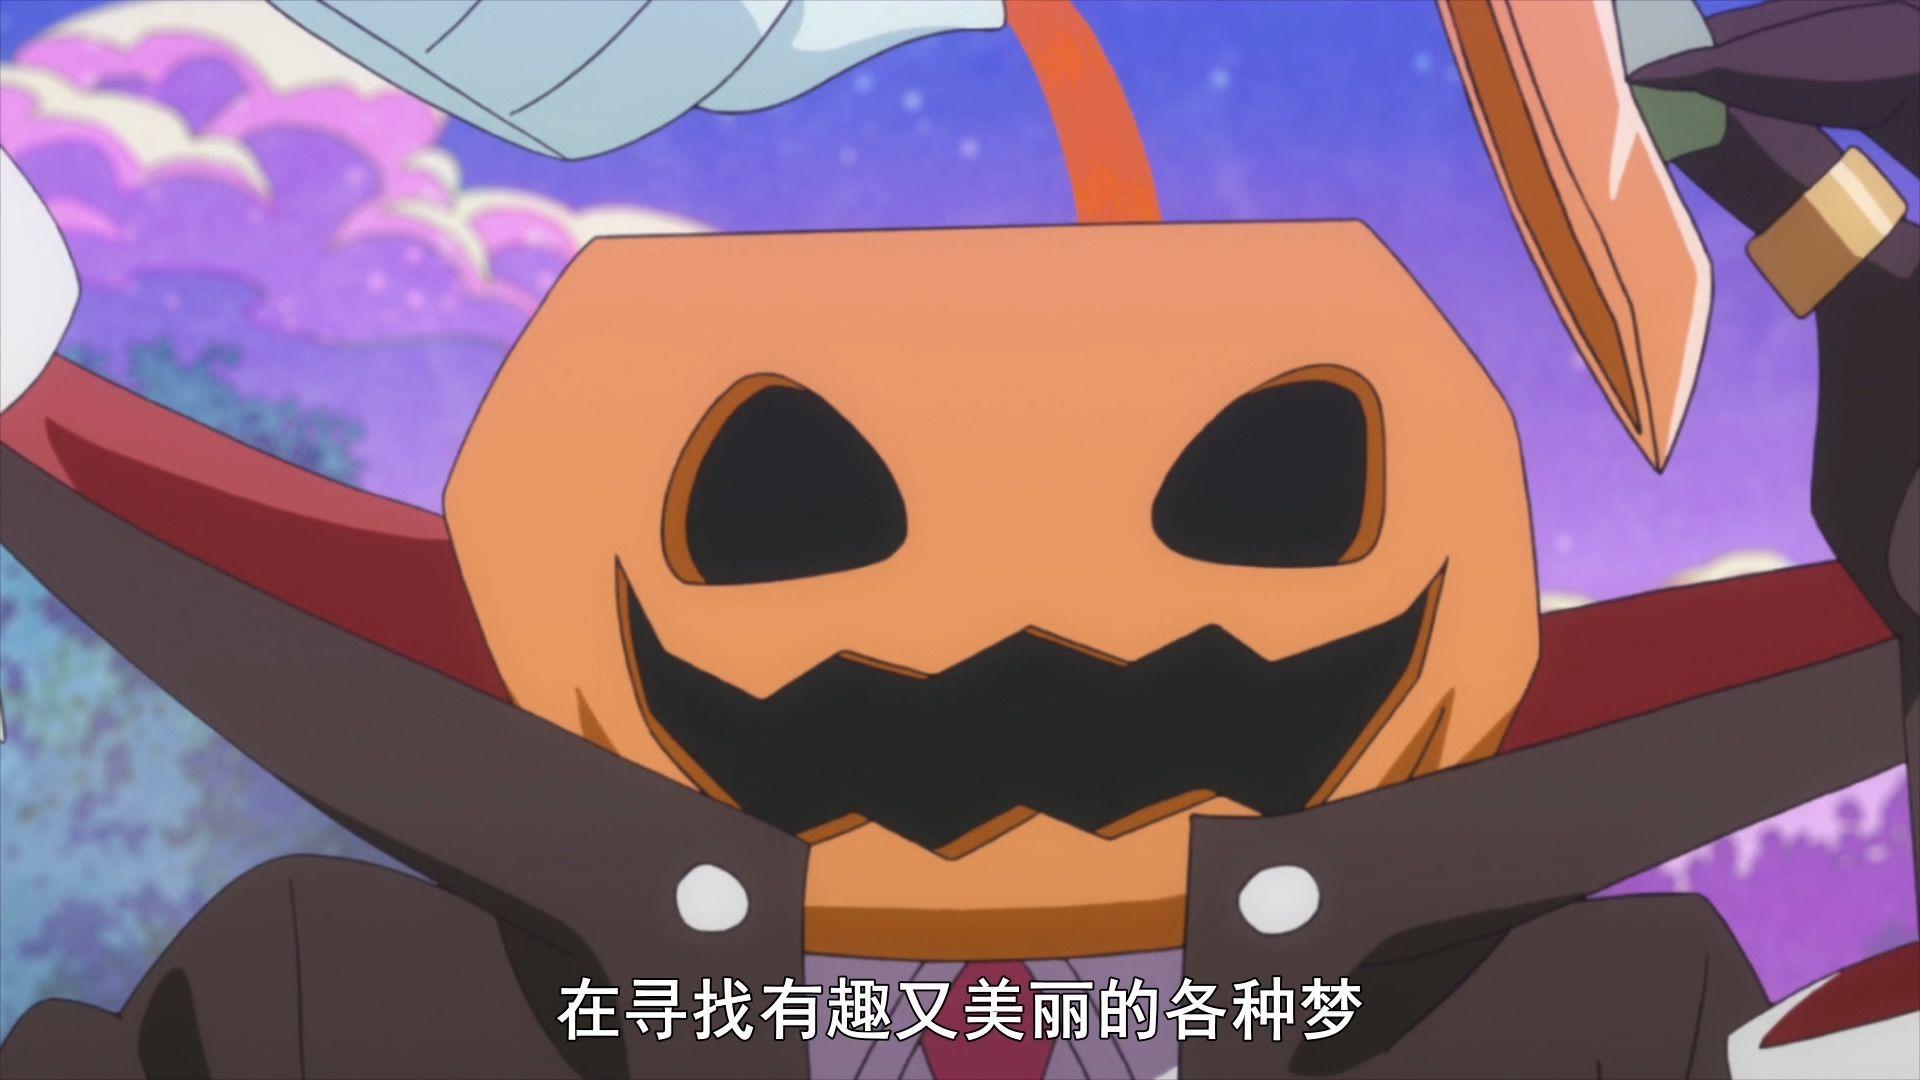 图26-3 ep6 [子安武人](http://bangumi.tv/person/1096)难得配的不是变态的一个角色,很有趣